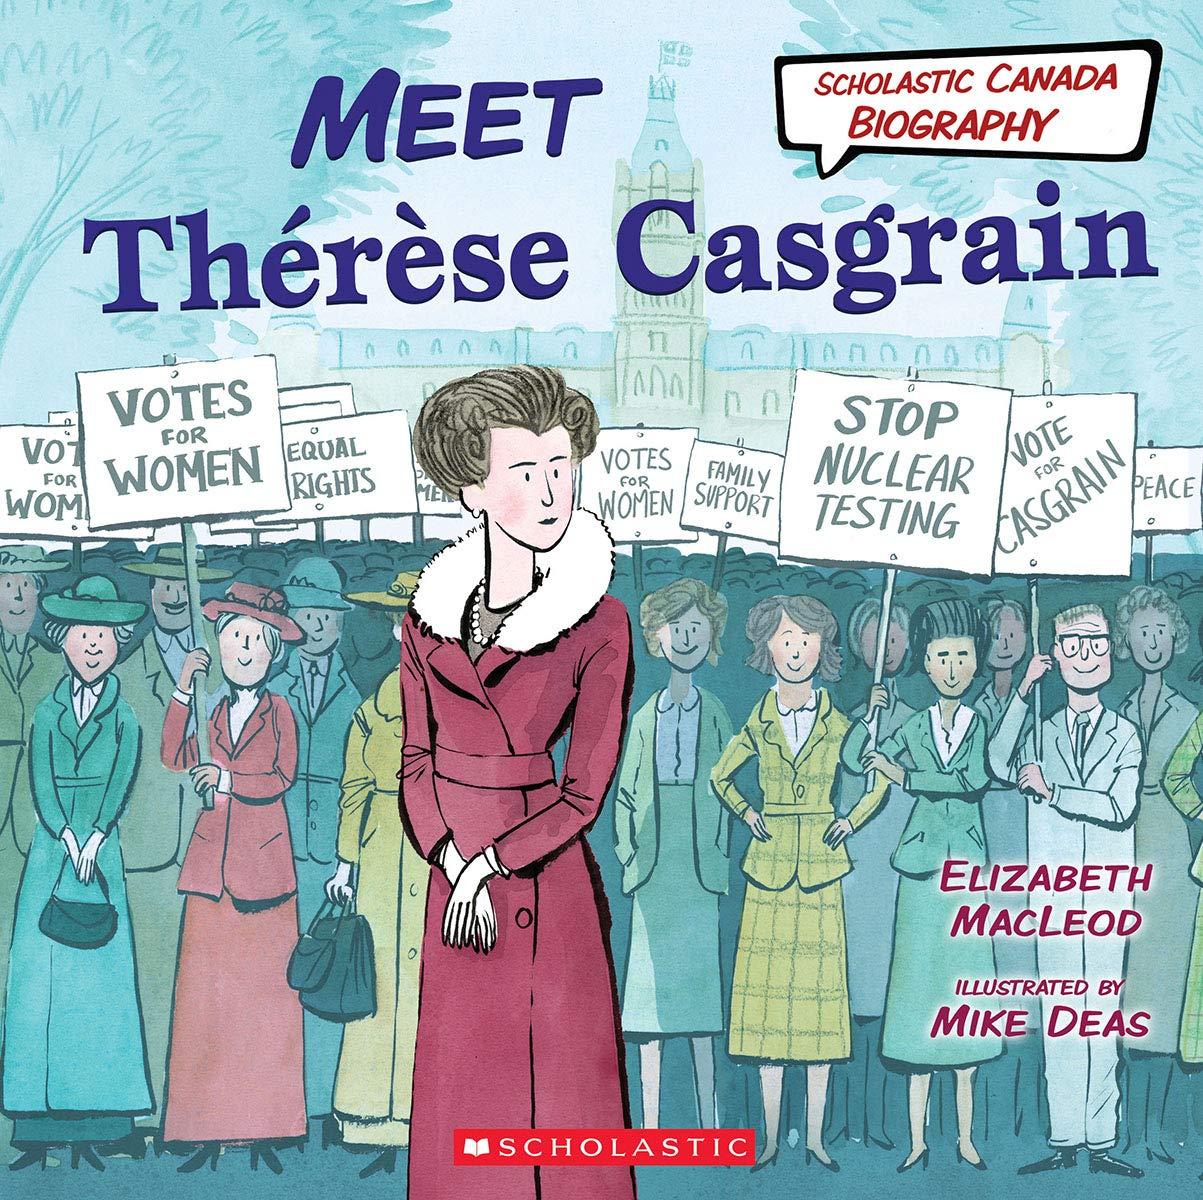 Meet Thérèse Casgrain